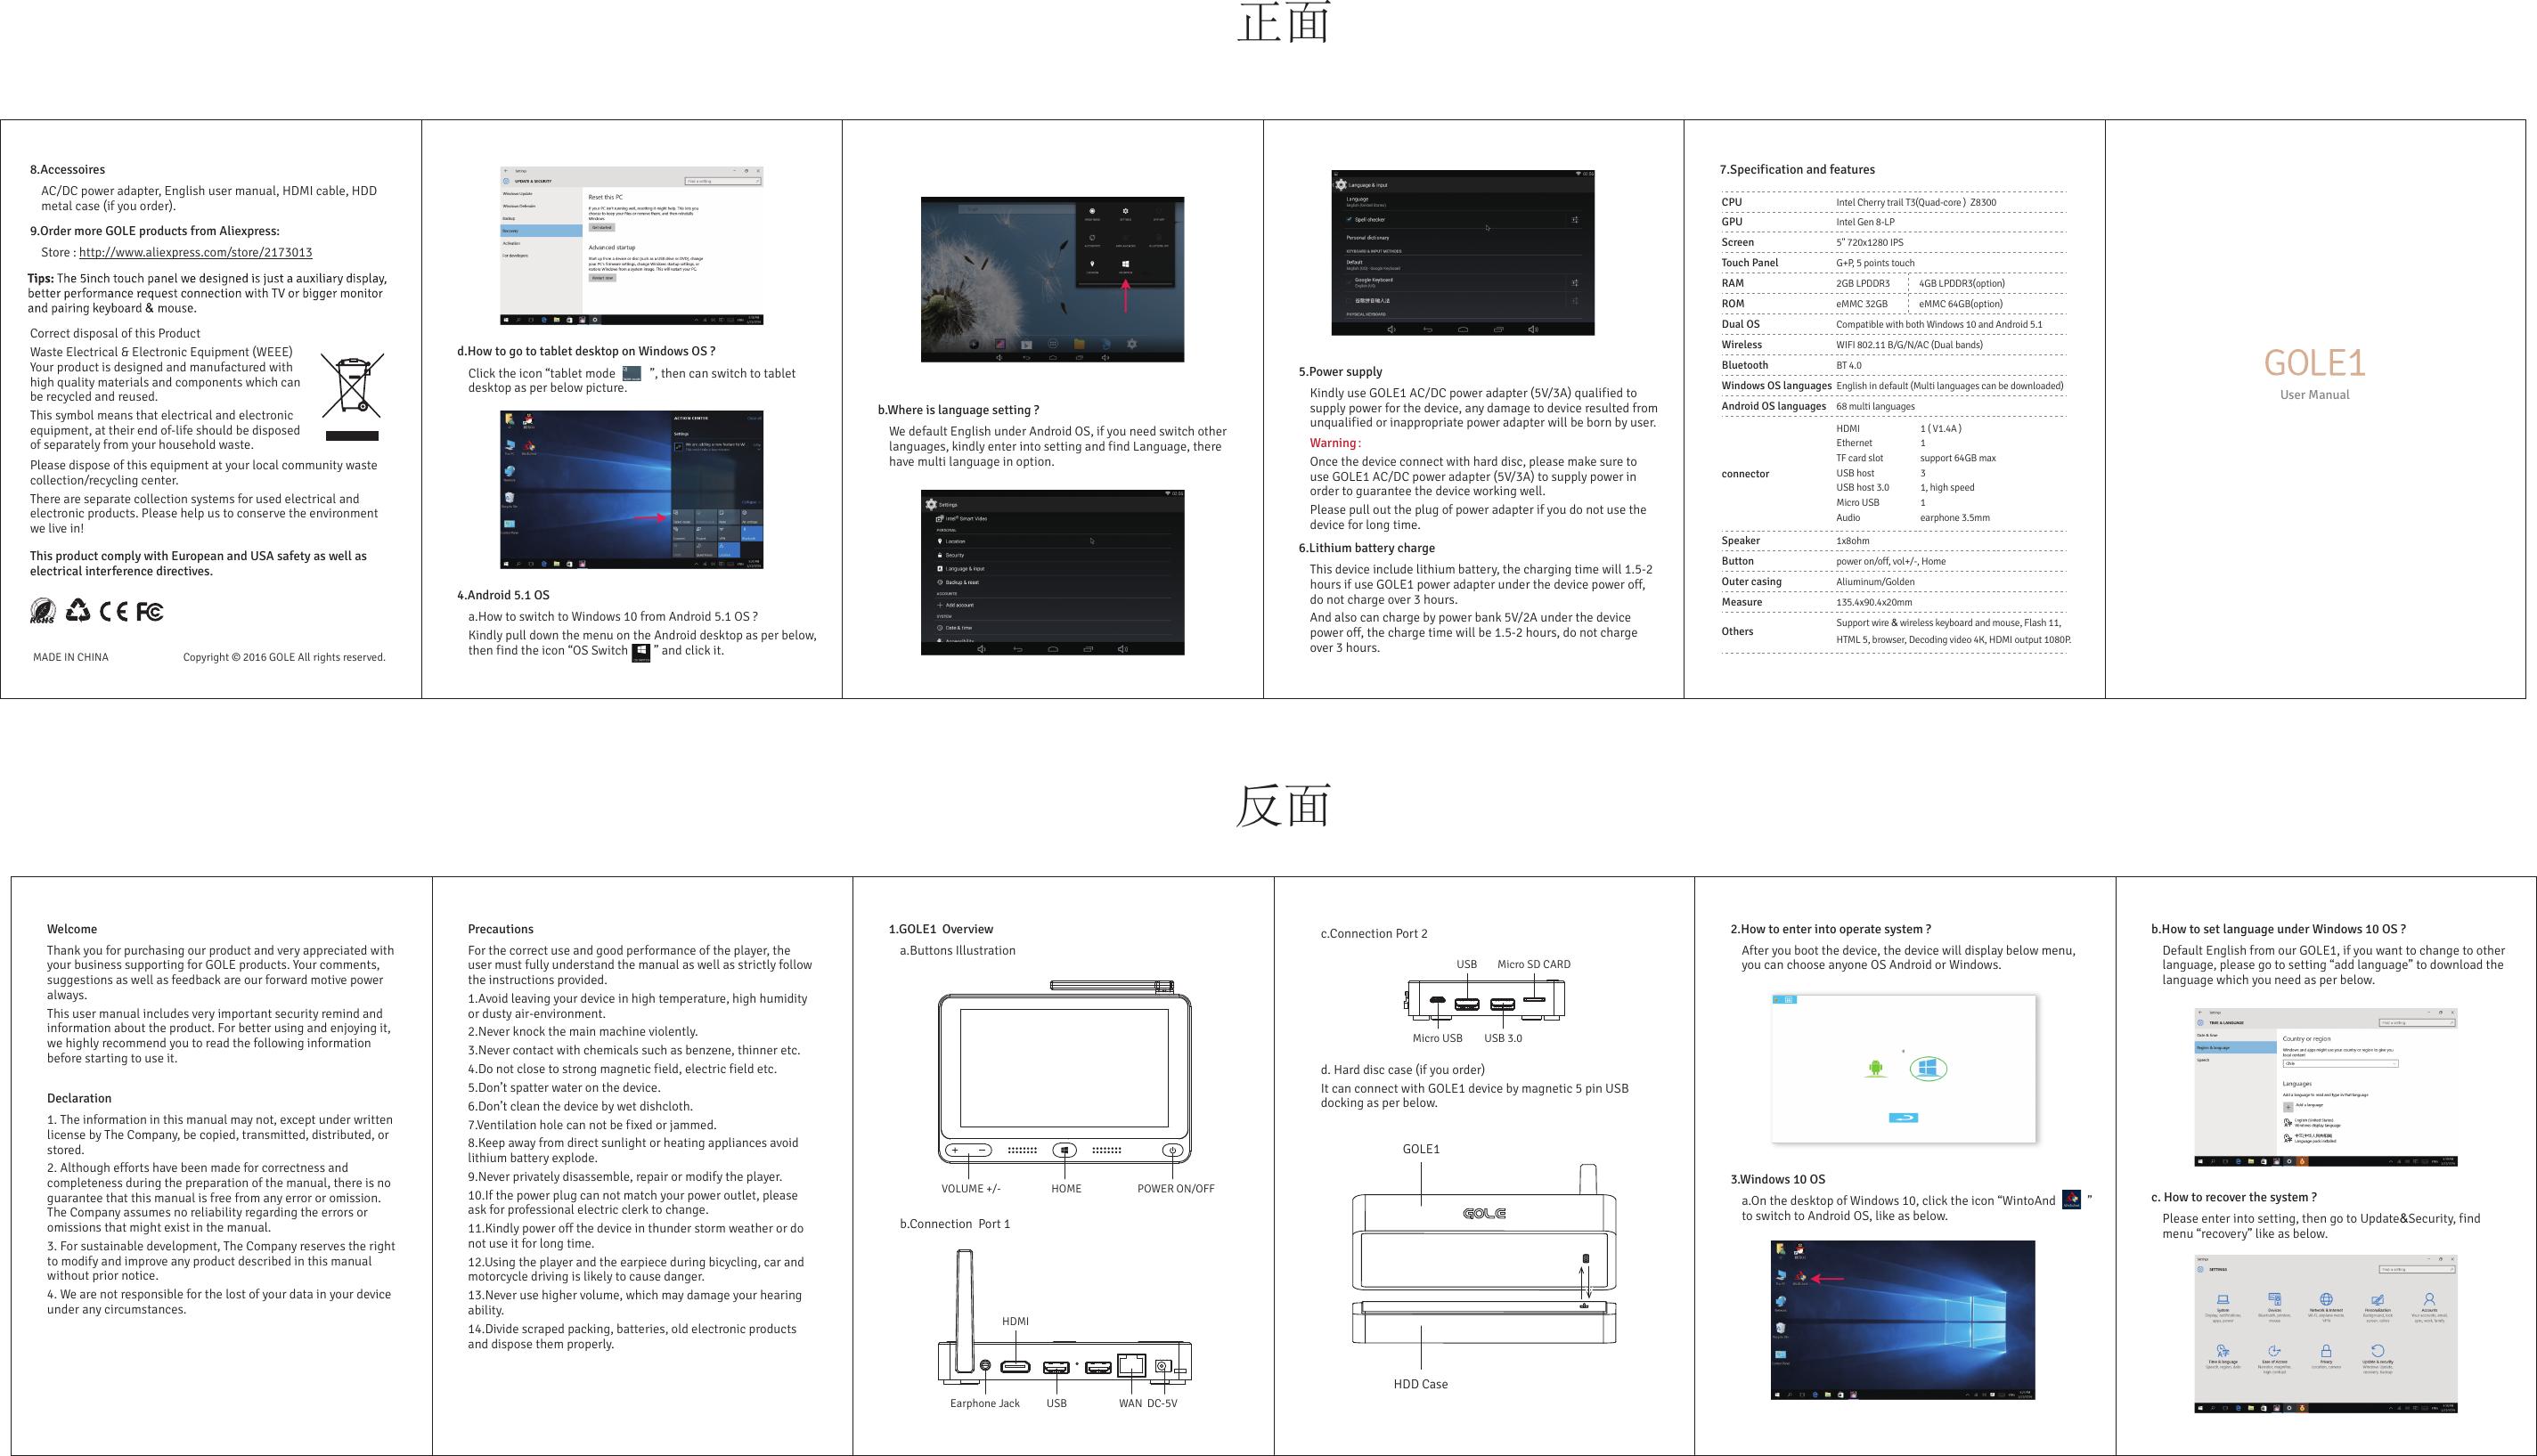 windows 7 user manual free download